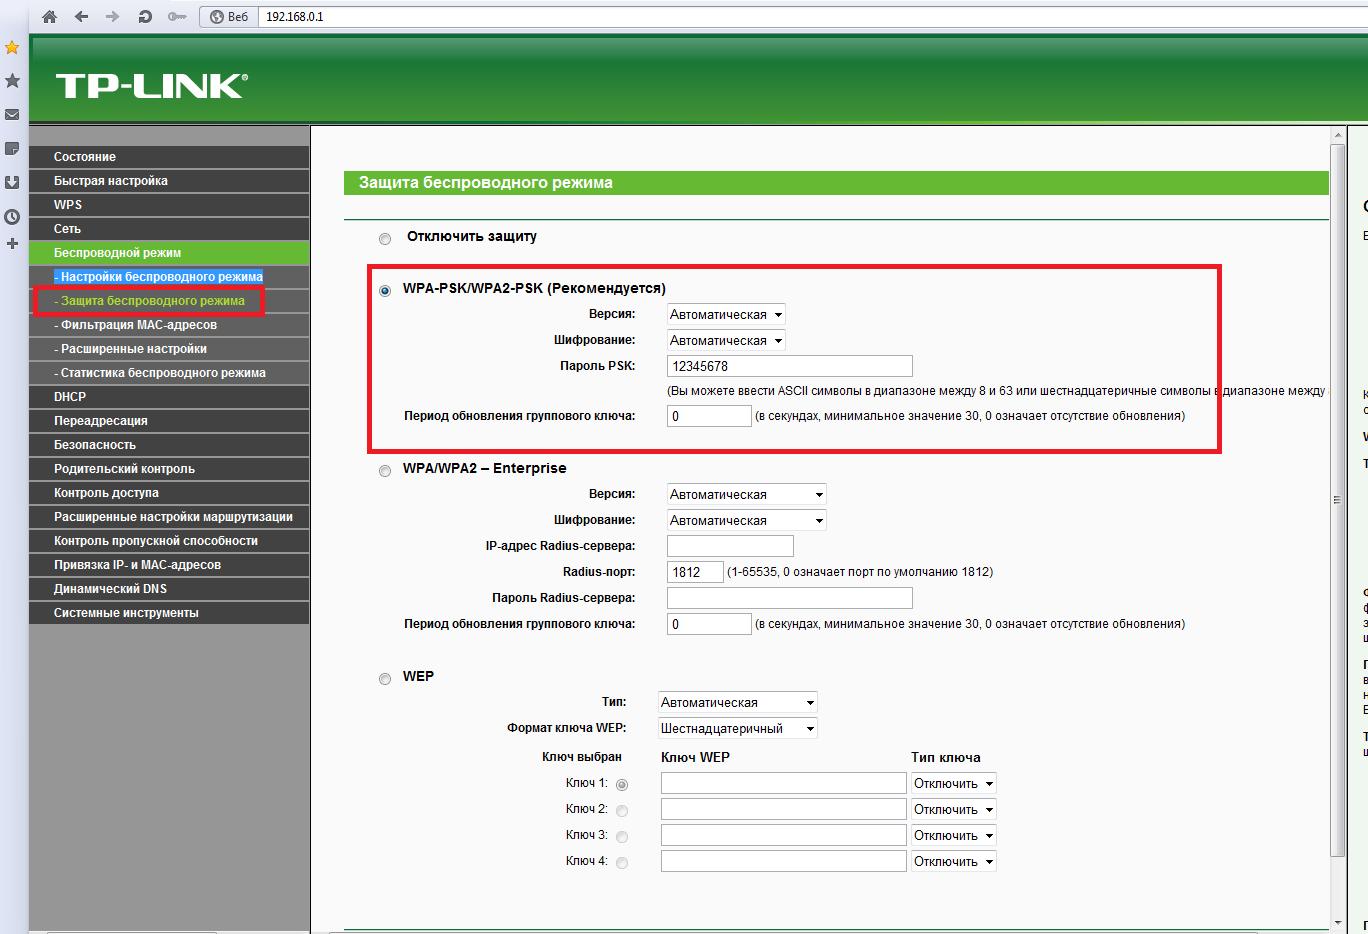 nastroika tp link tl wr740n-Wi-Fi-пароль